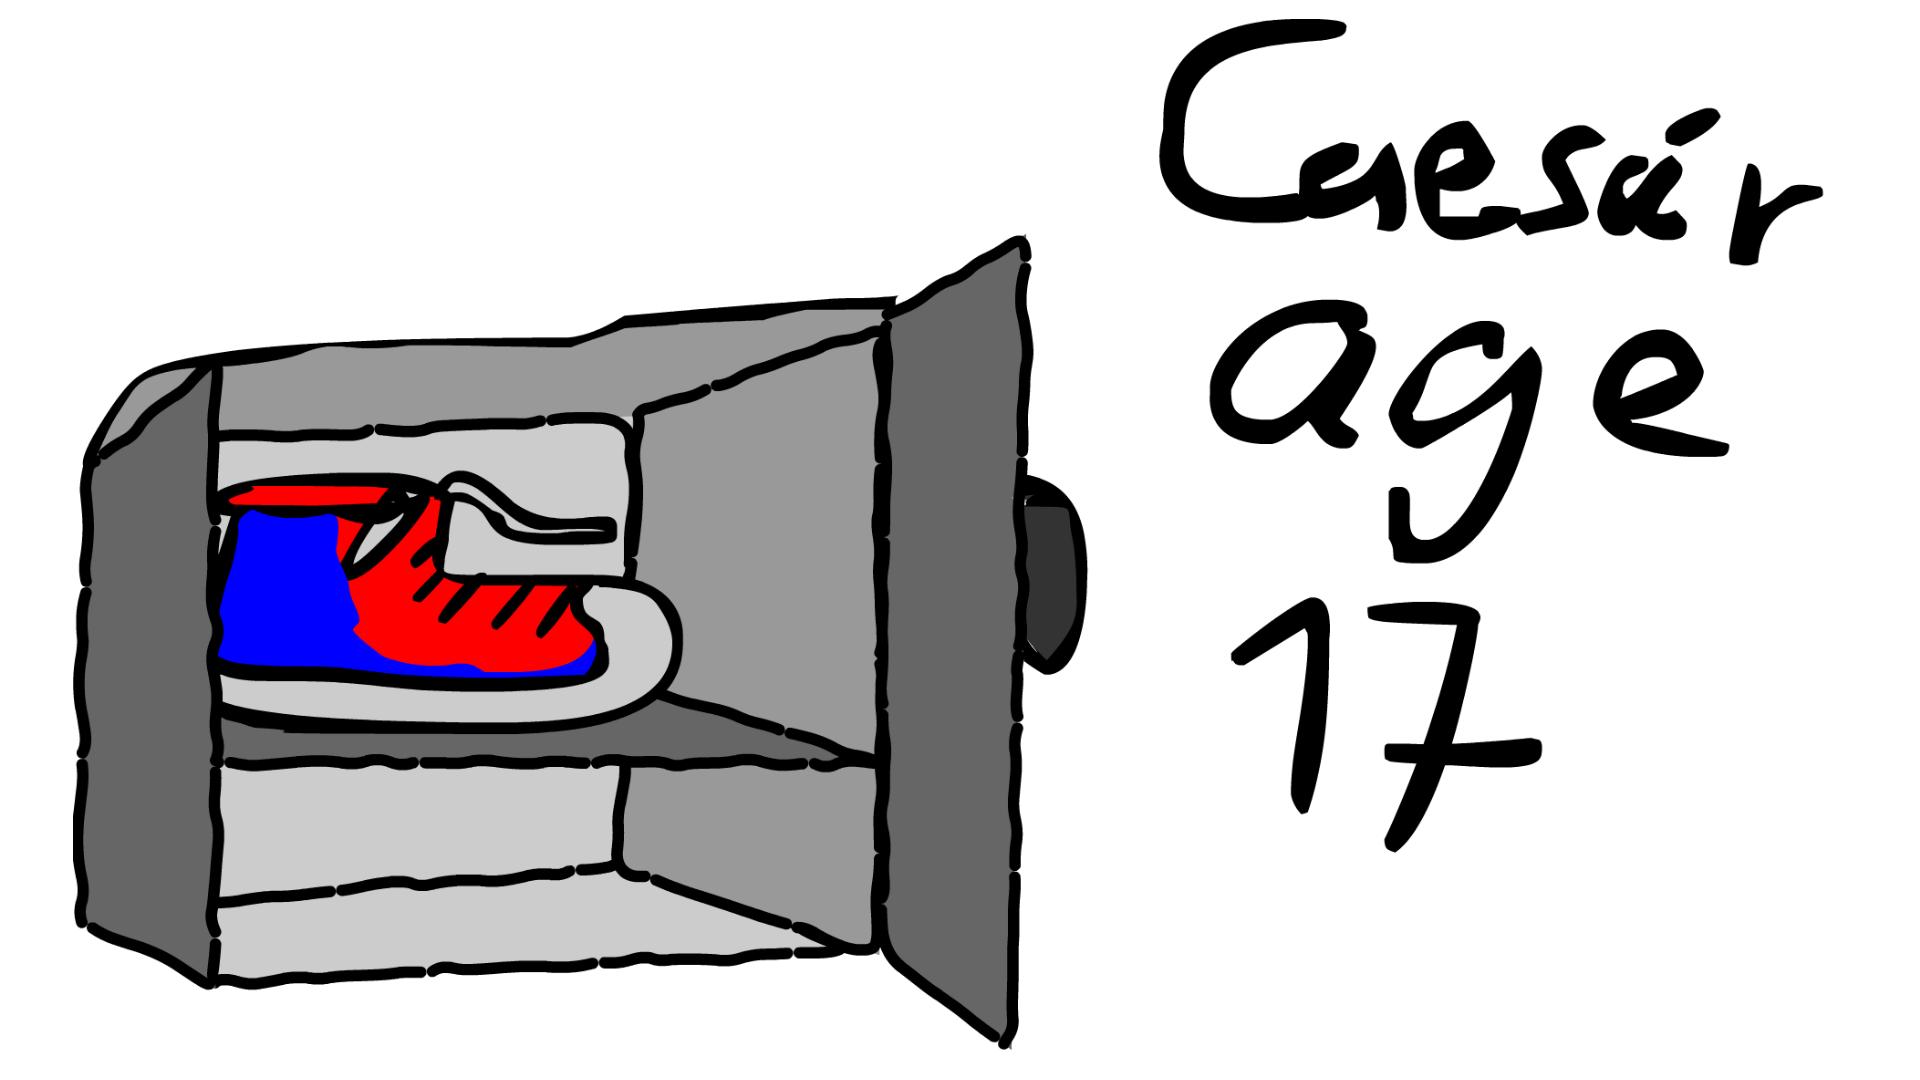 Shoe in a fridge.